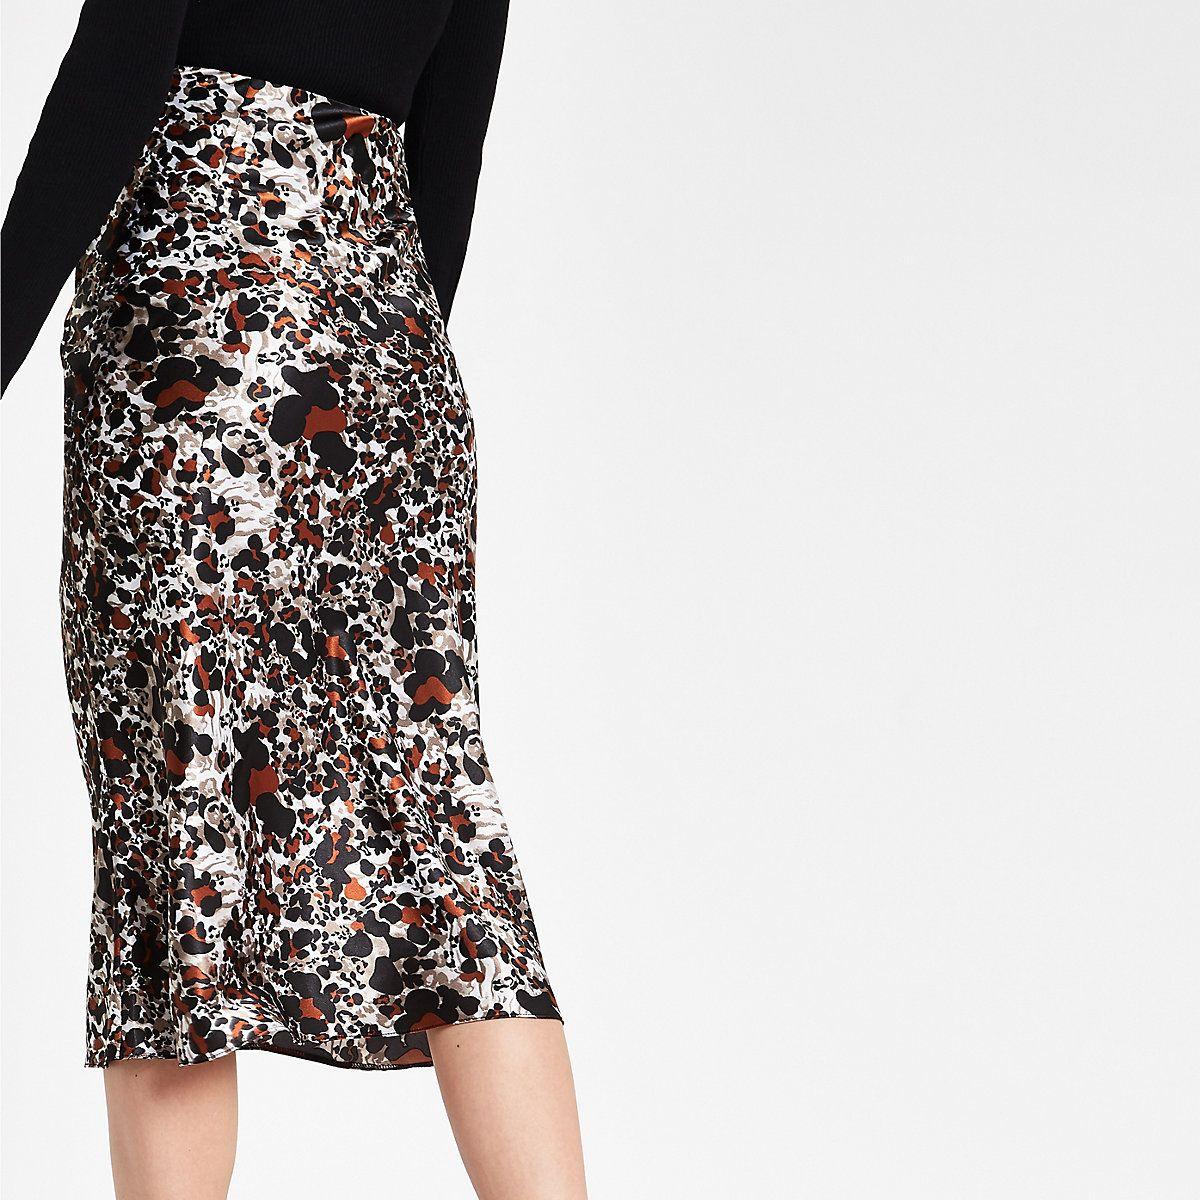 c8065e8b2f79 Rust leopard print satin bias midi skirt - Midi Skirts - Skirts - women